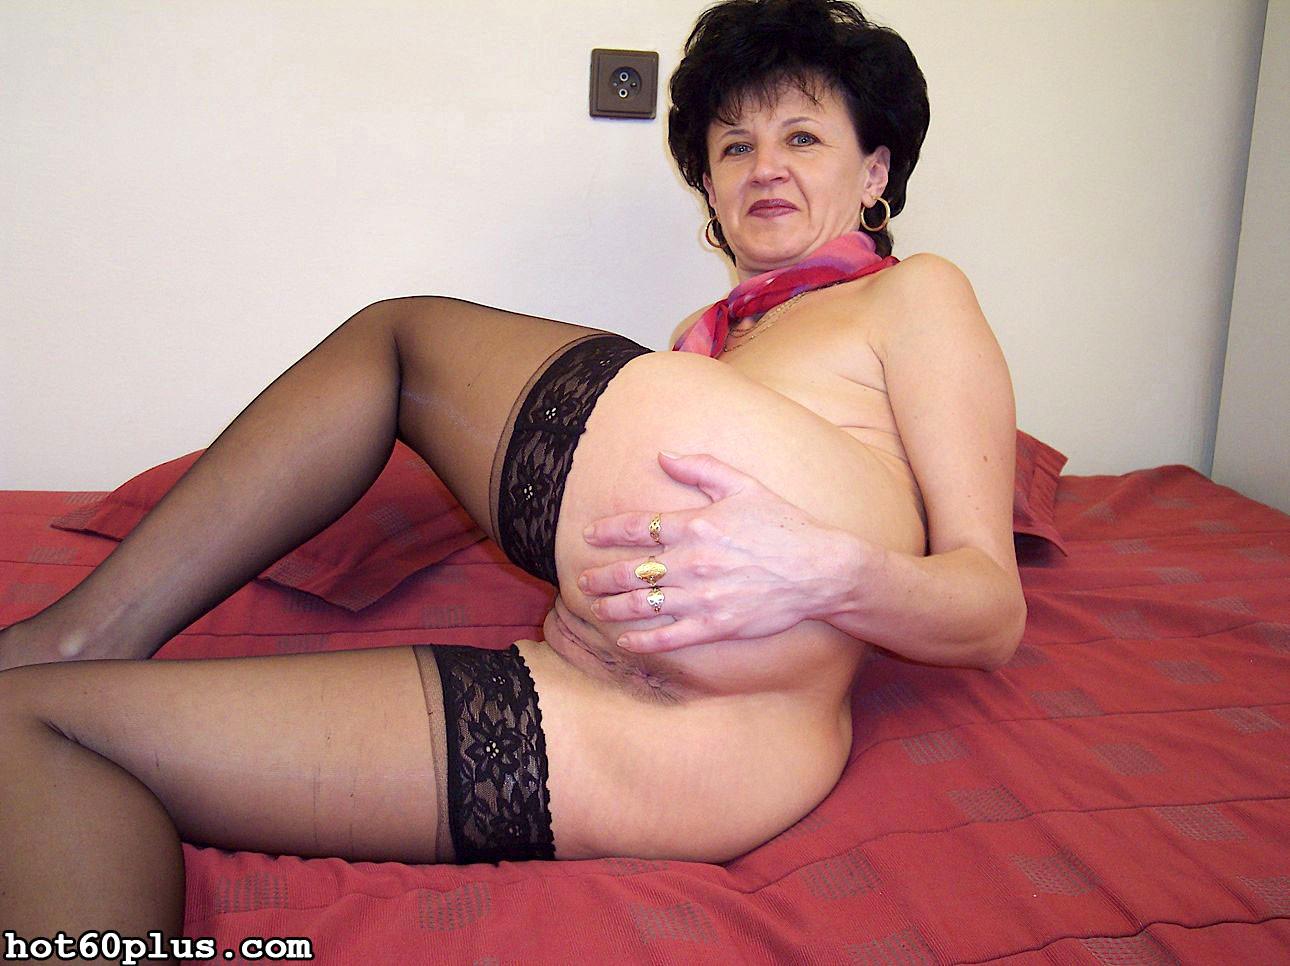 Проститутки пожилого возраста, Старые проститутки Москвы проверенные секреты 1 фотография